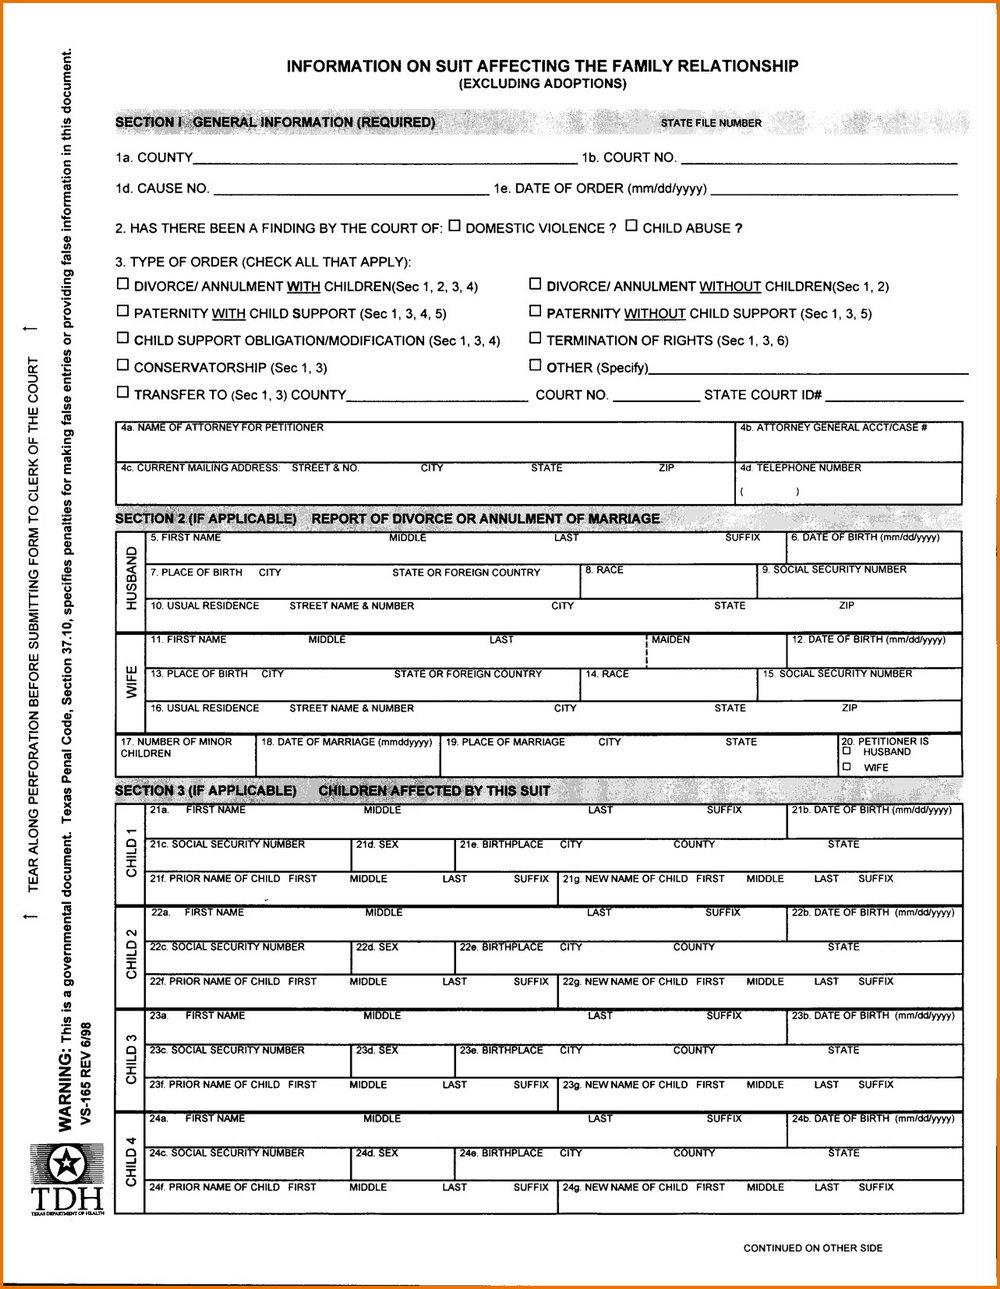 Irs Tax Form 1040ez